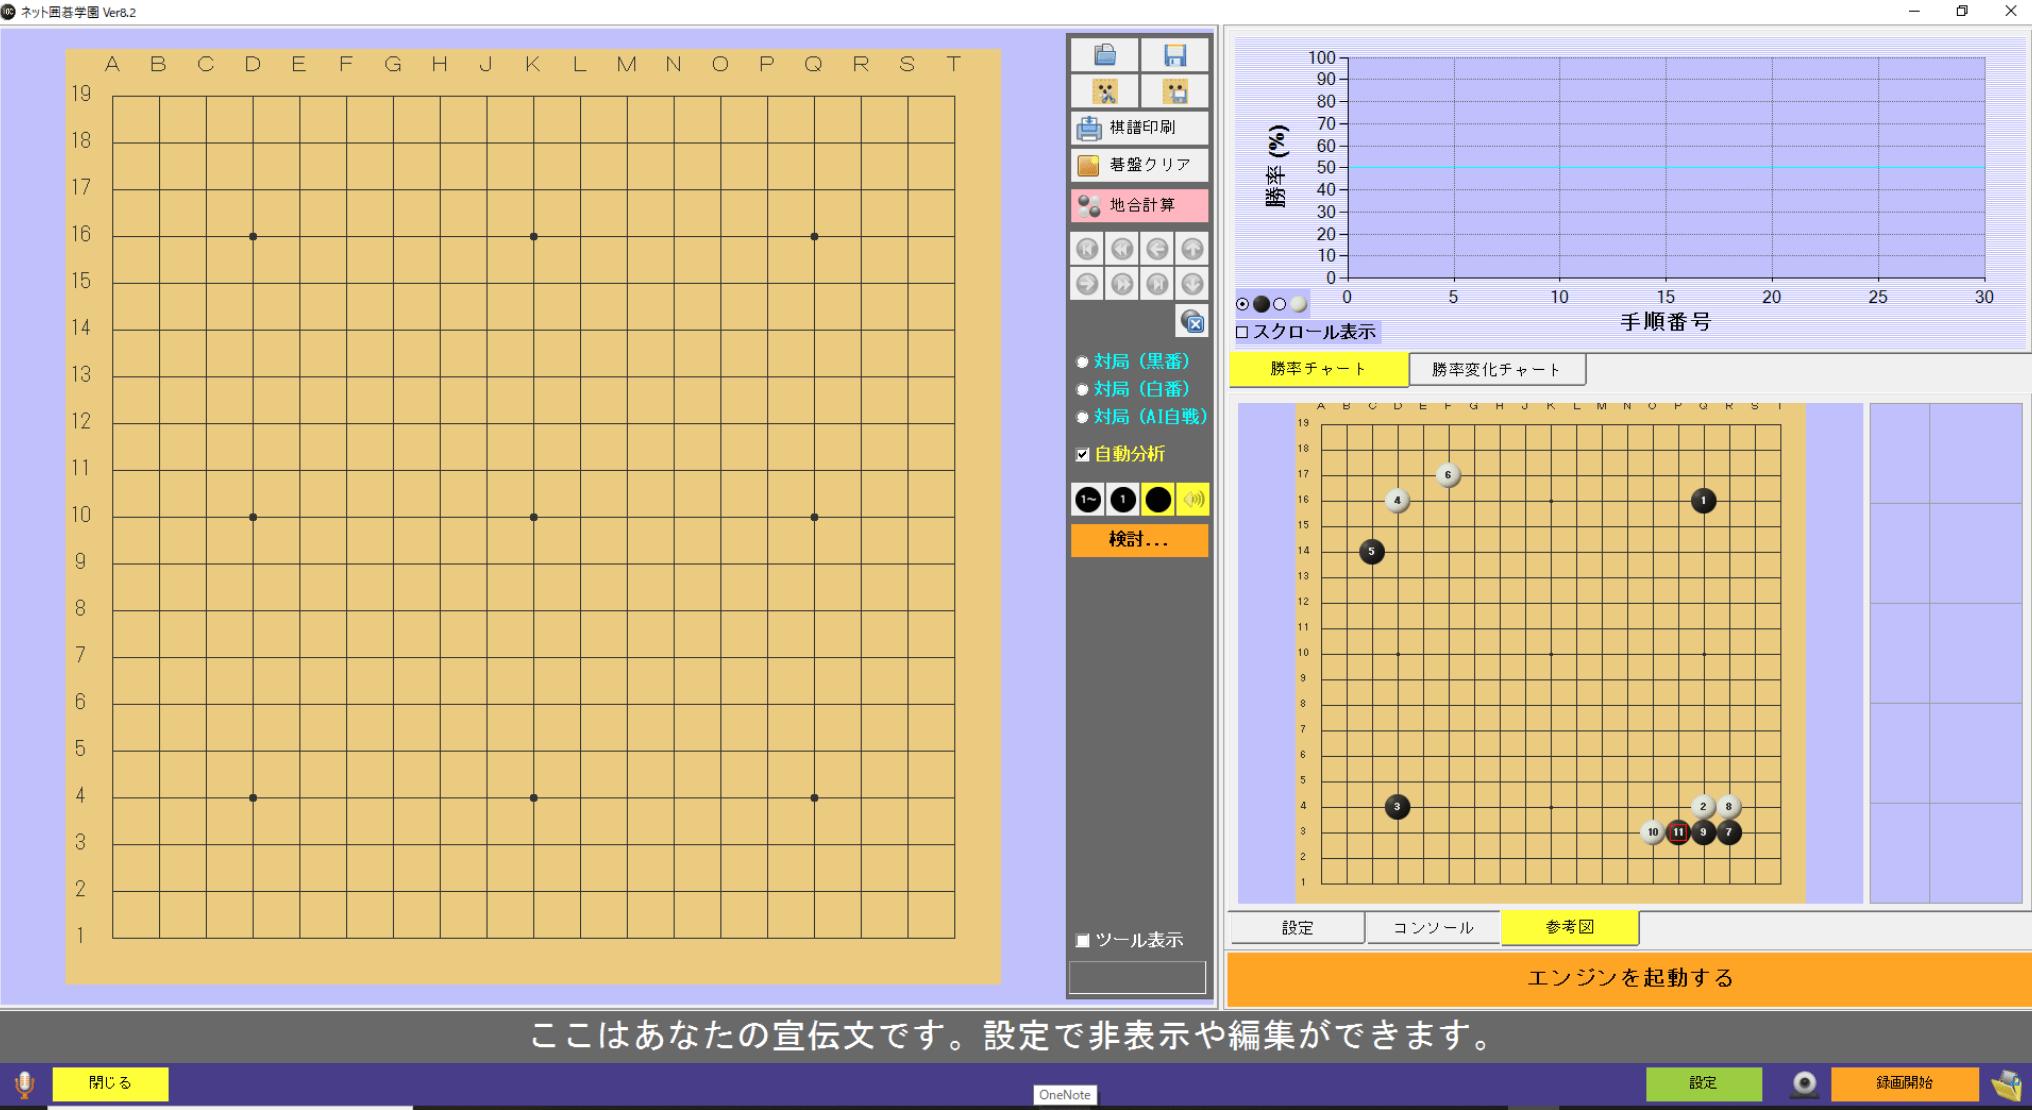 ネット碁学園AI